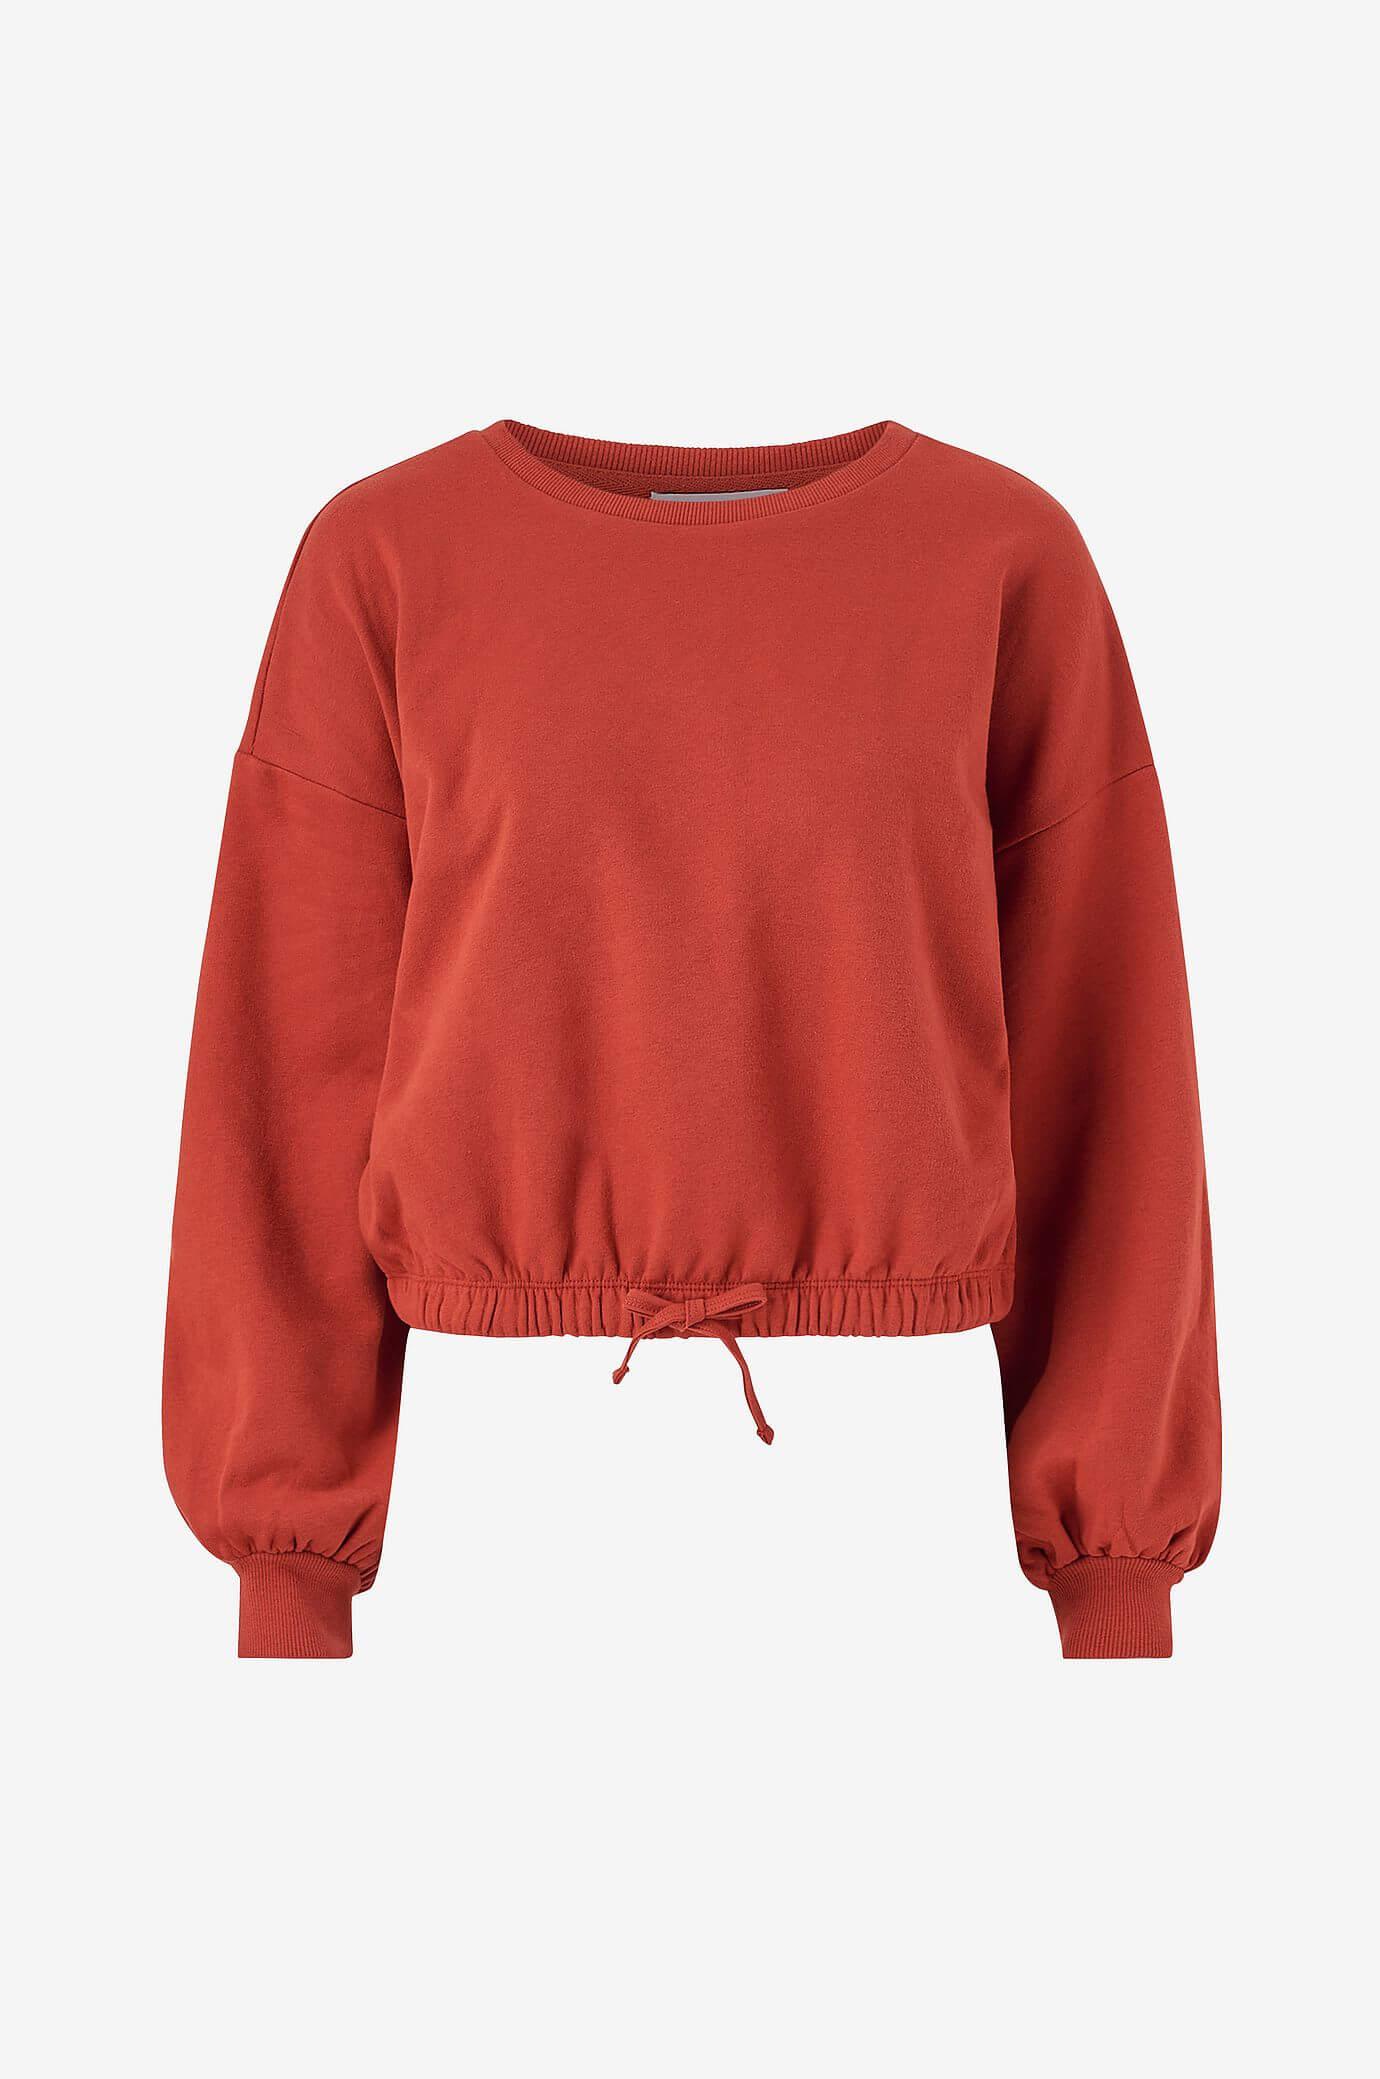 Röd sweatshirt med ballongärmar långärmad med ribbmudd.